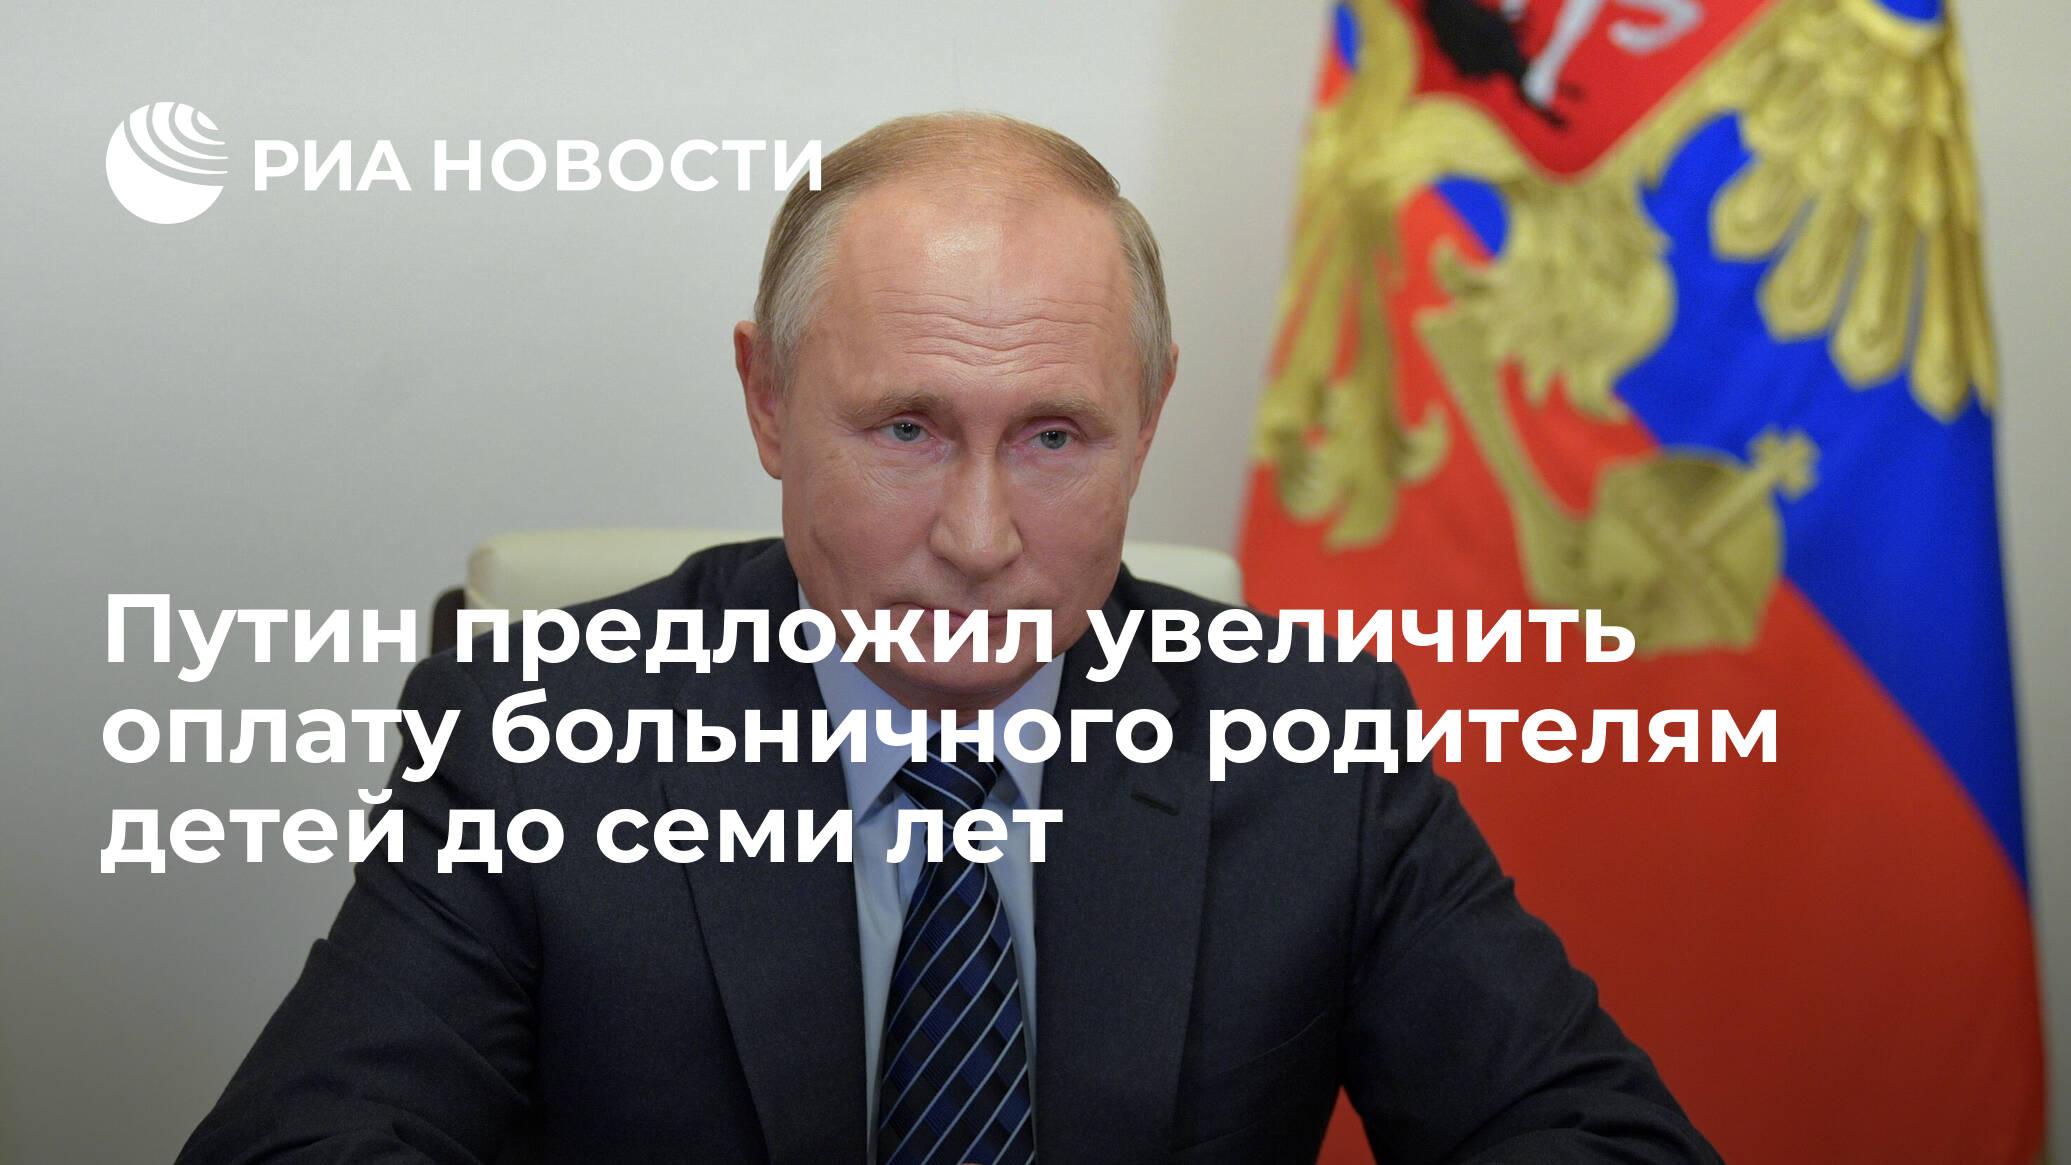 Путин предложил увеличить оплату больничного родителям детей до семи лет